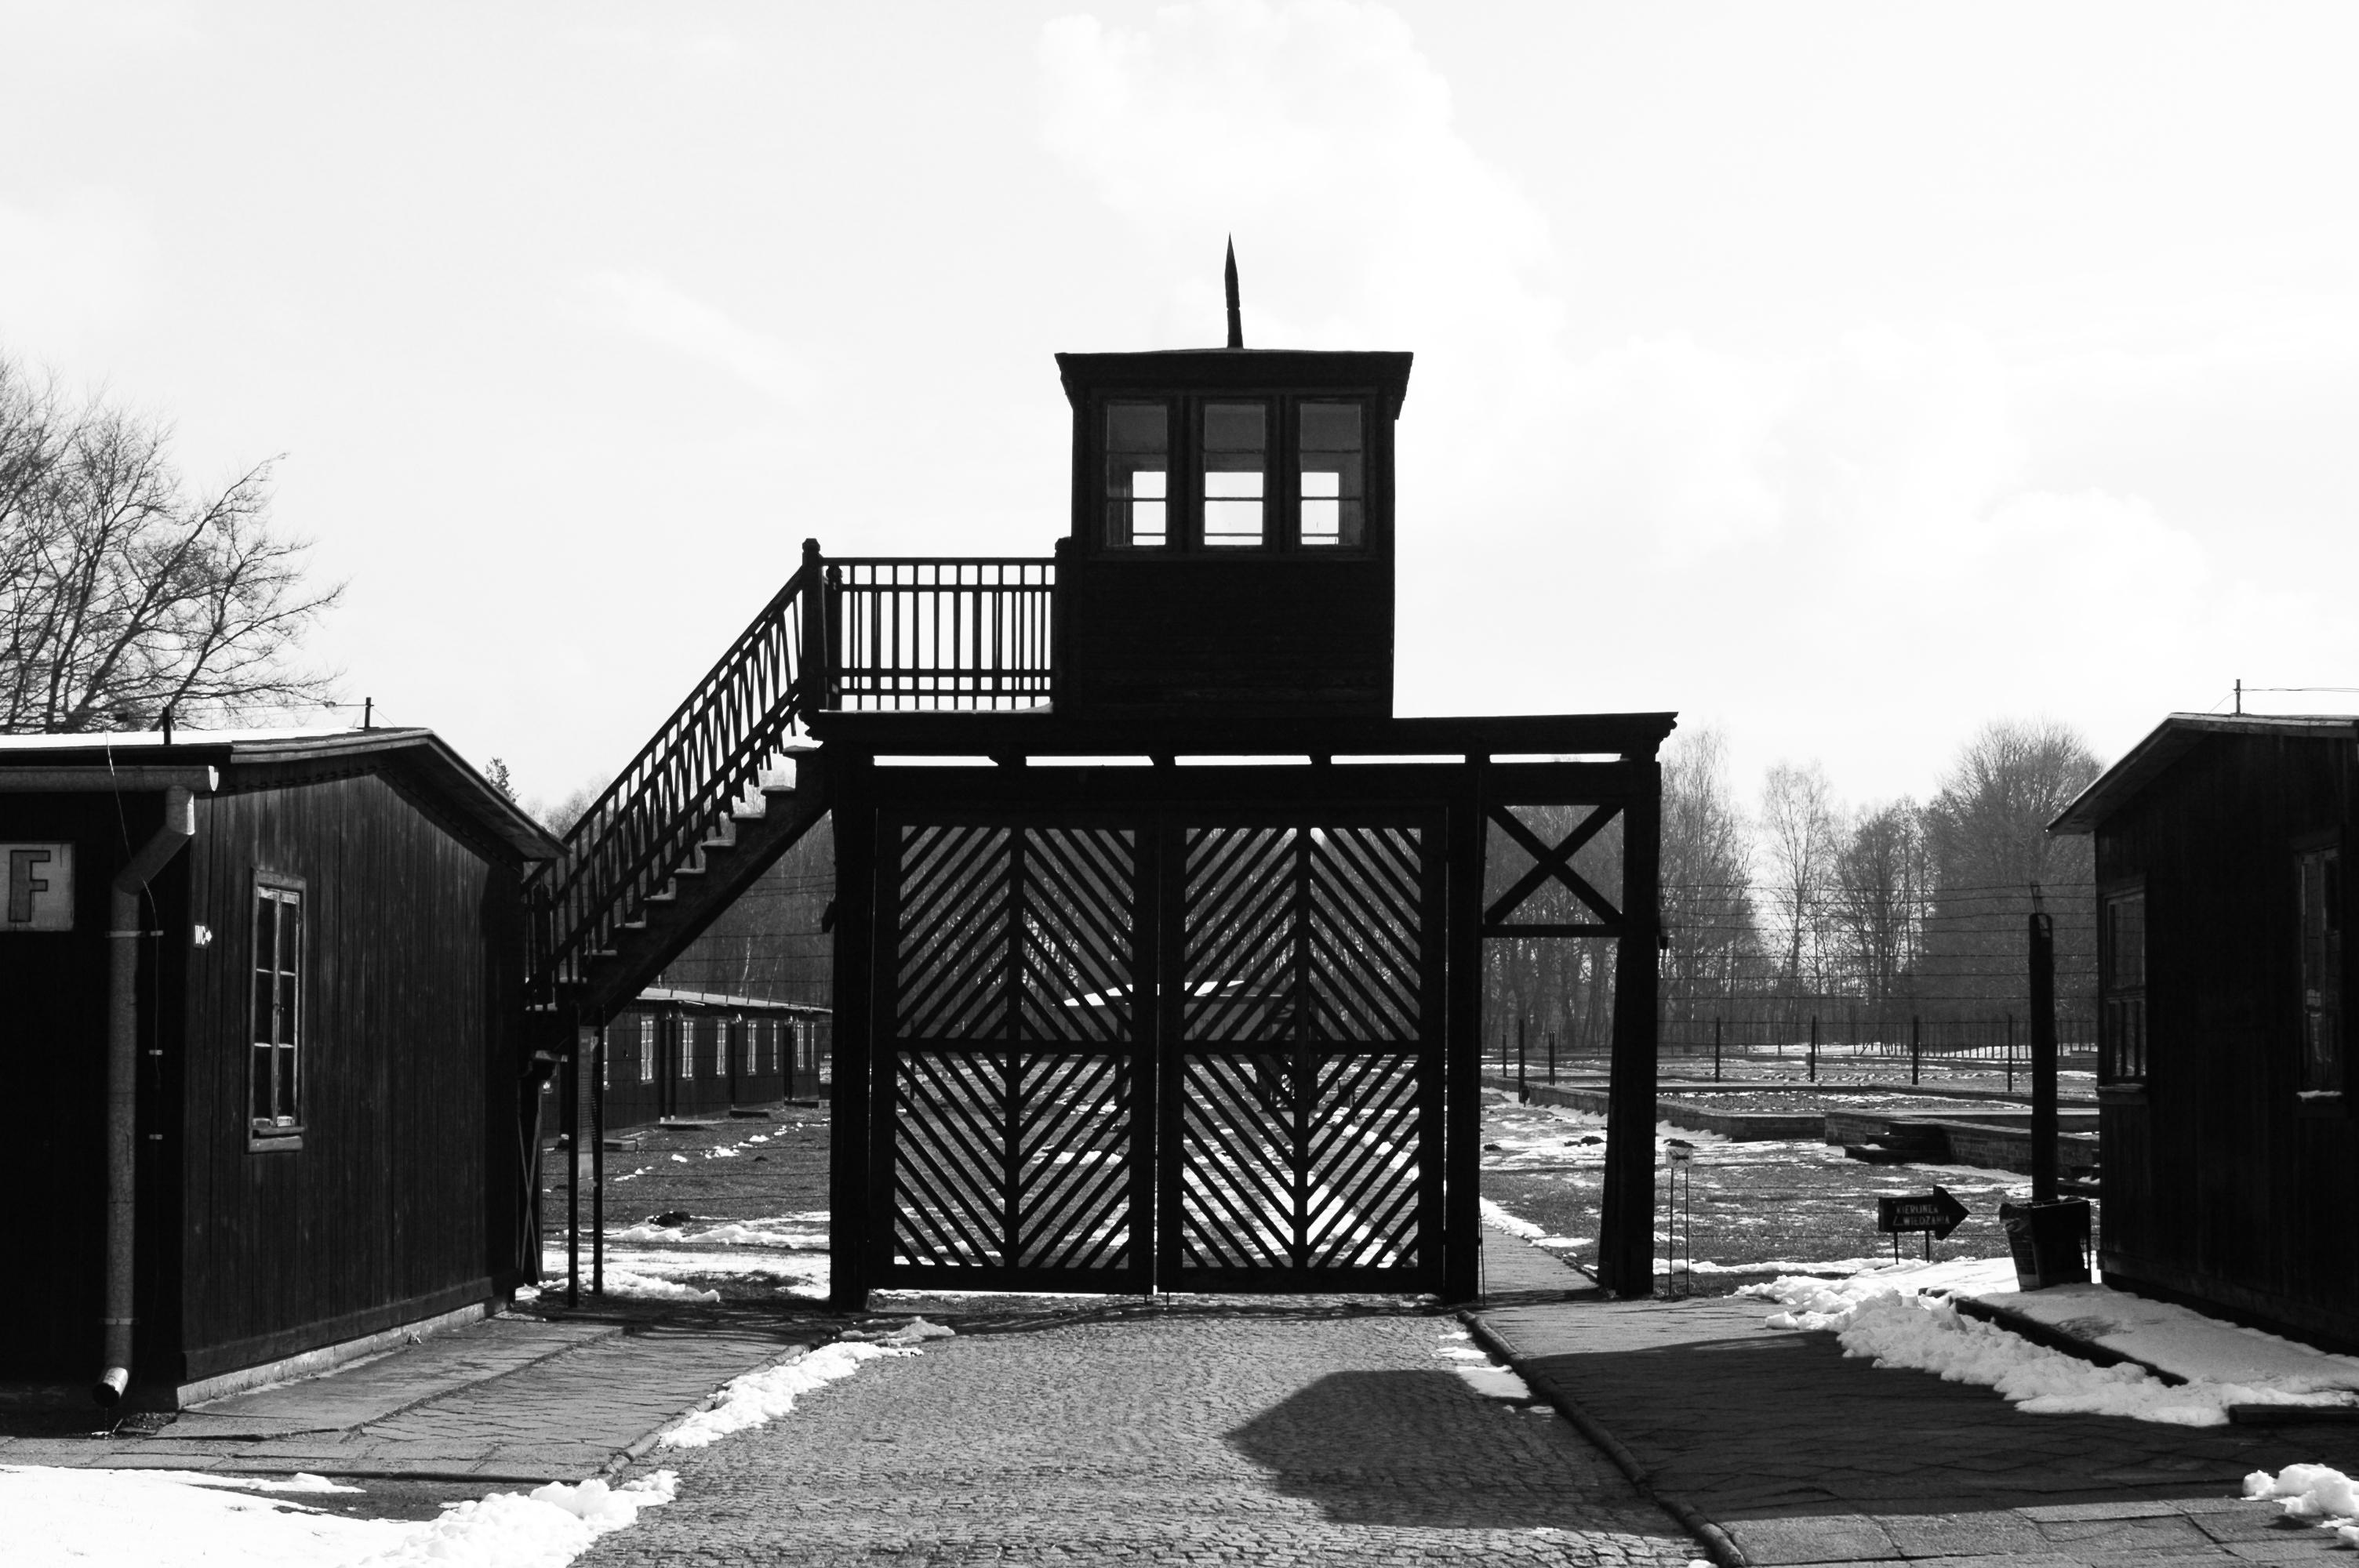 Németországban vádat emeltek a stutthofi koncentrációs tábor parancsnokának titkárnője ellen